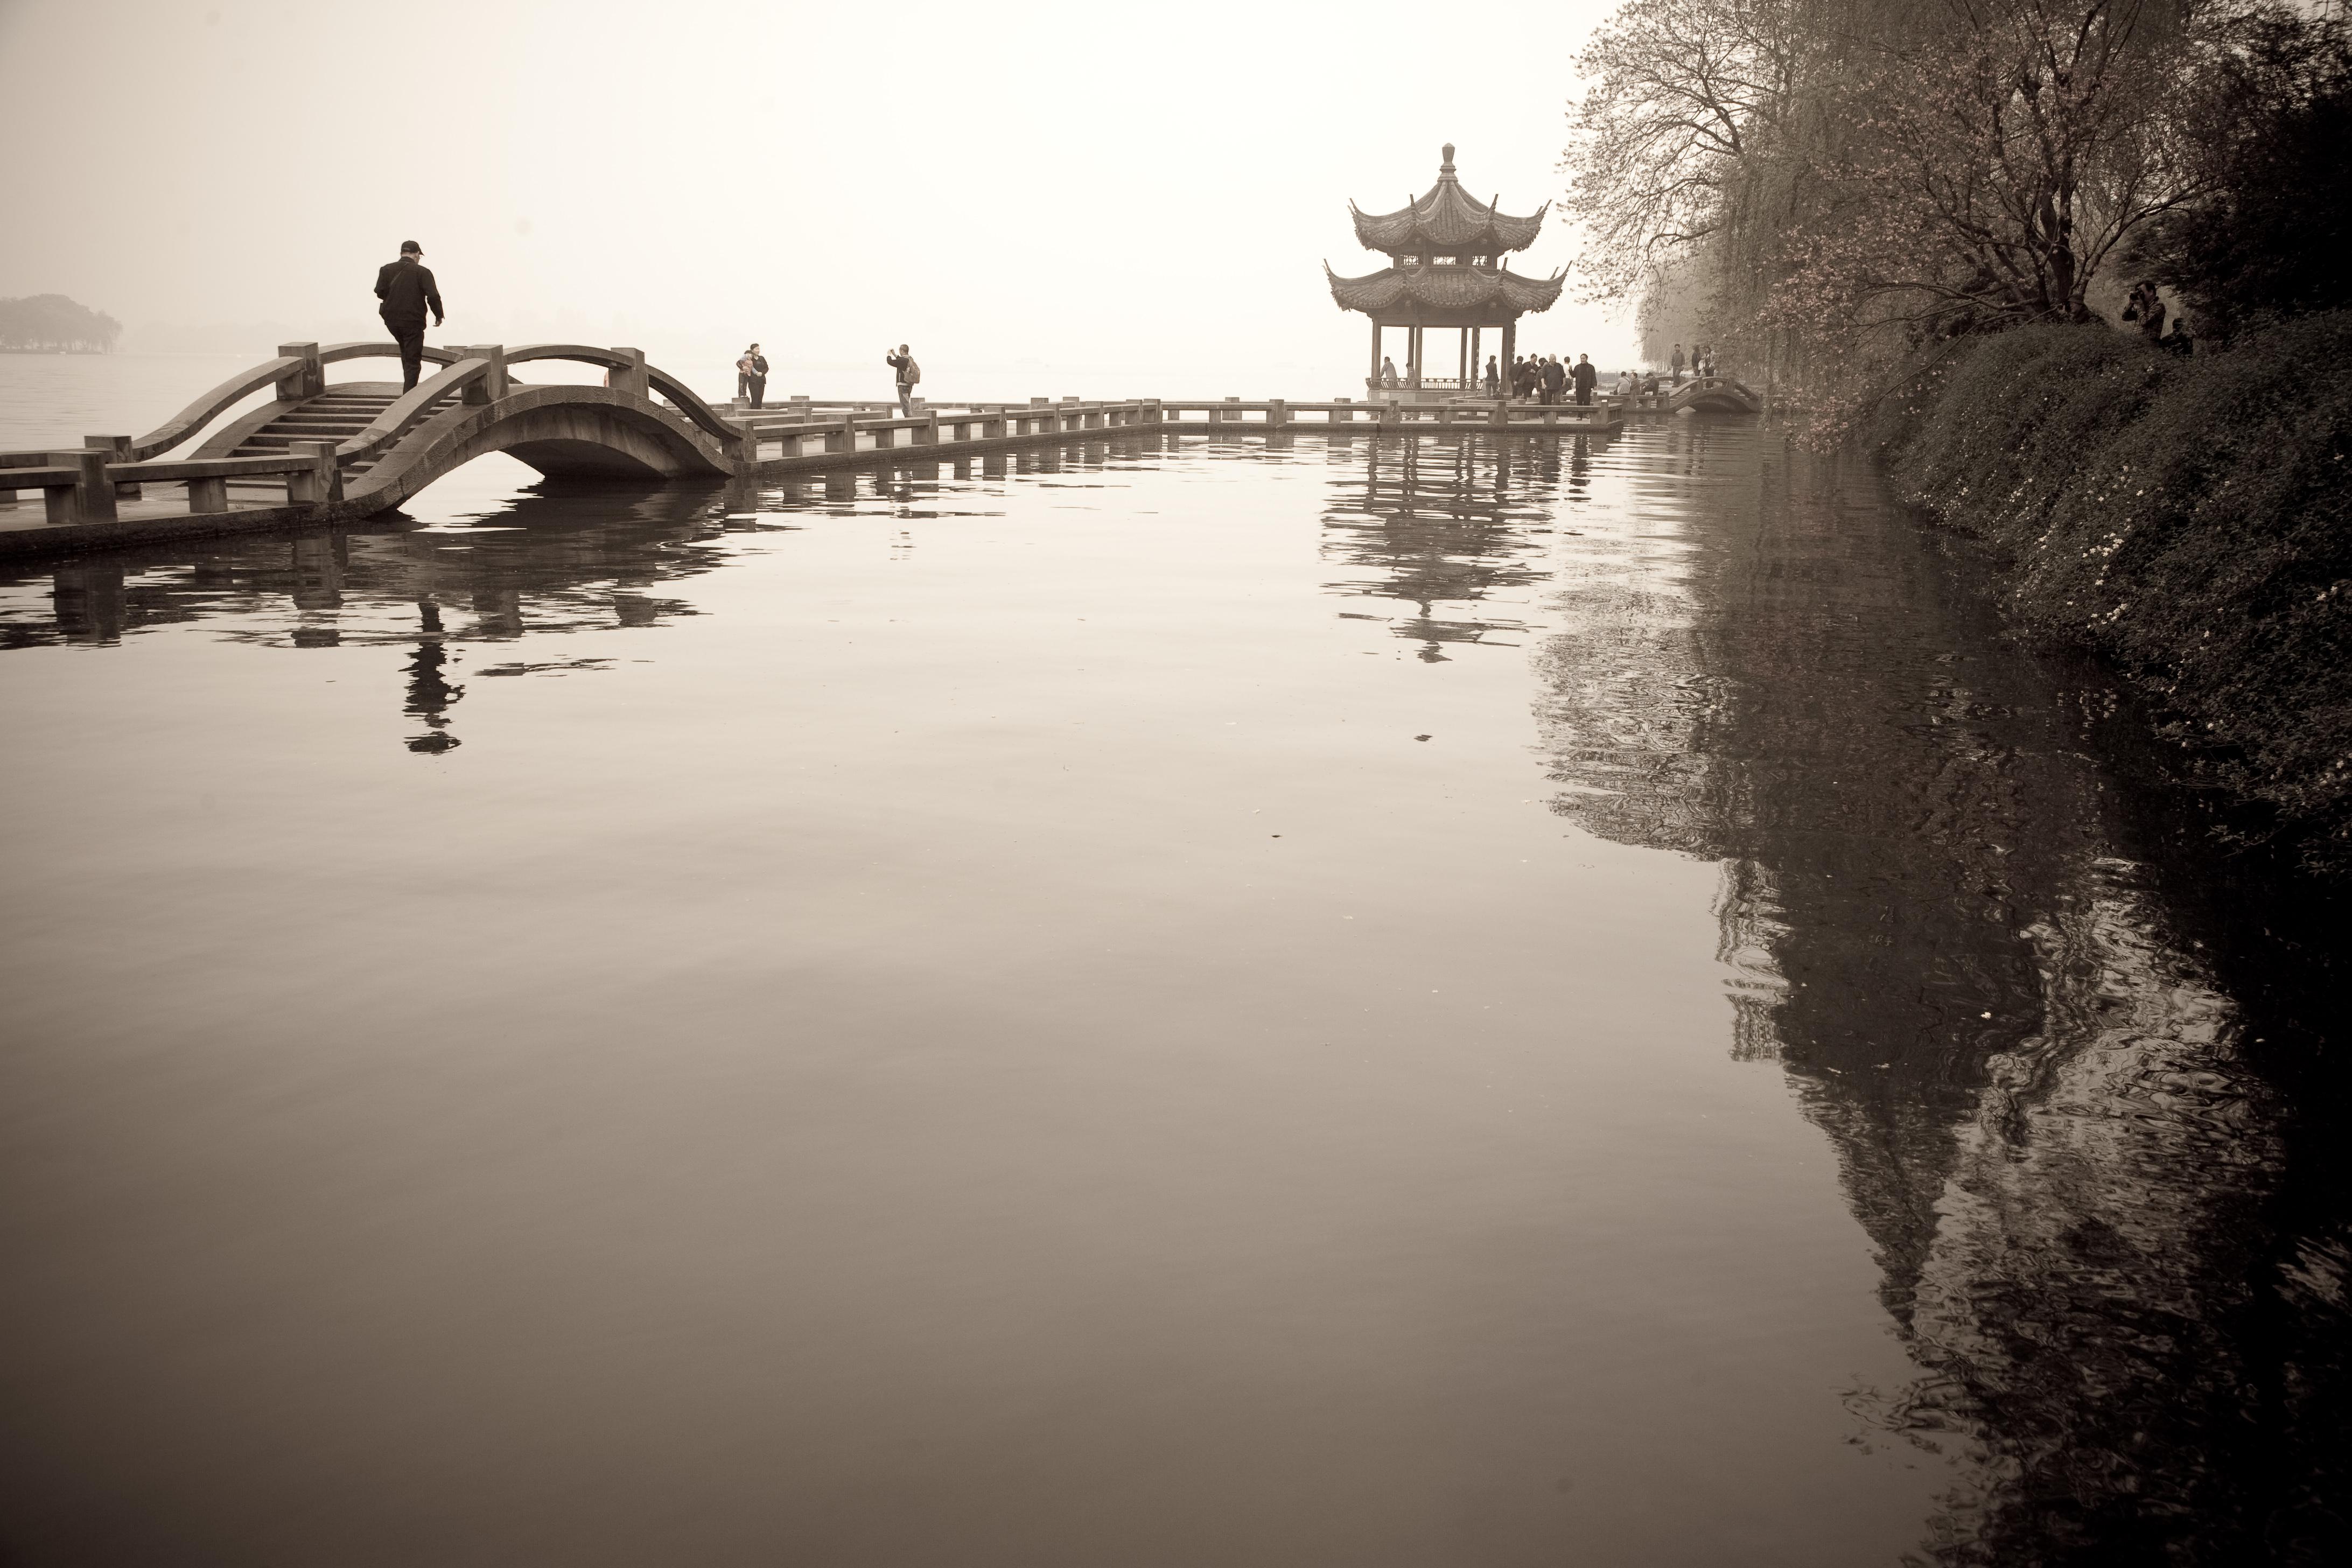 Long Bridge - Hangzhou, China